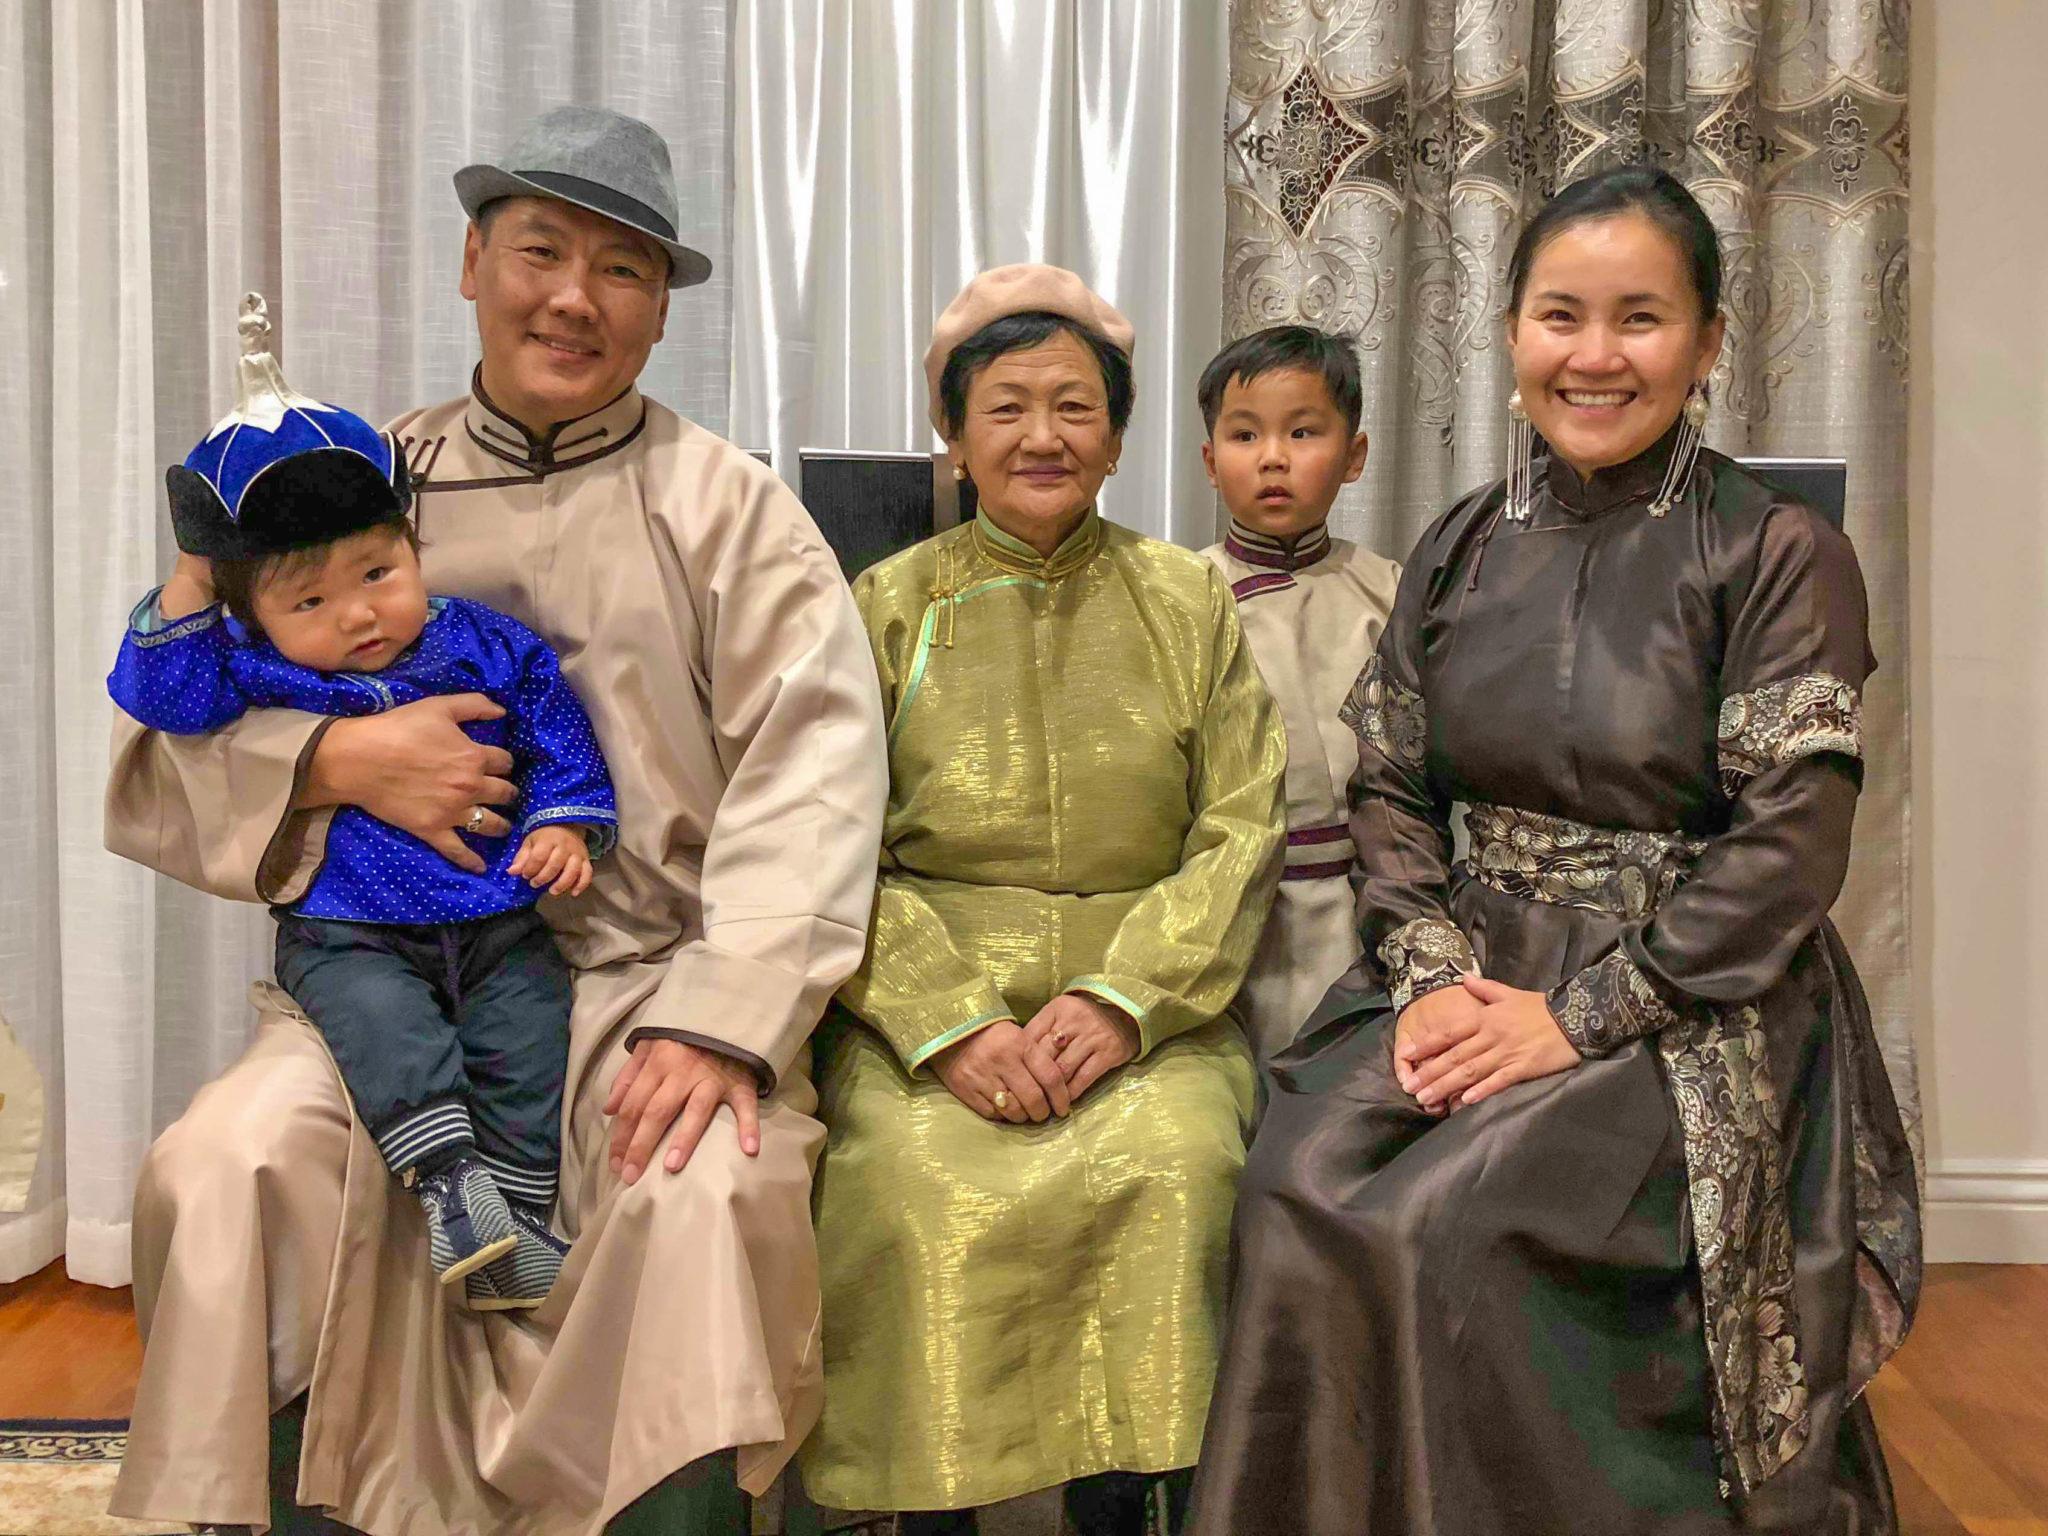 Hot ass mongolian women Celebrating Tsagaan Sar In The Usa Lunar New Year Mongolia Style Mbsees